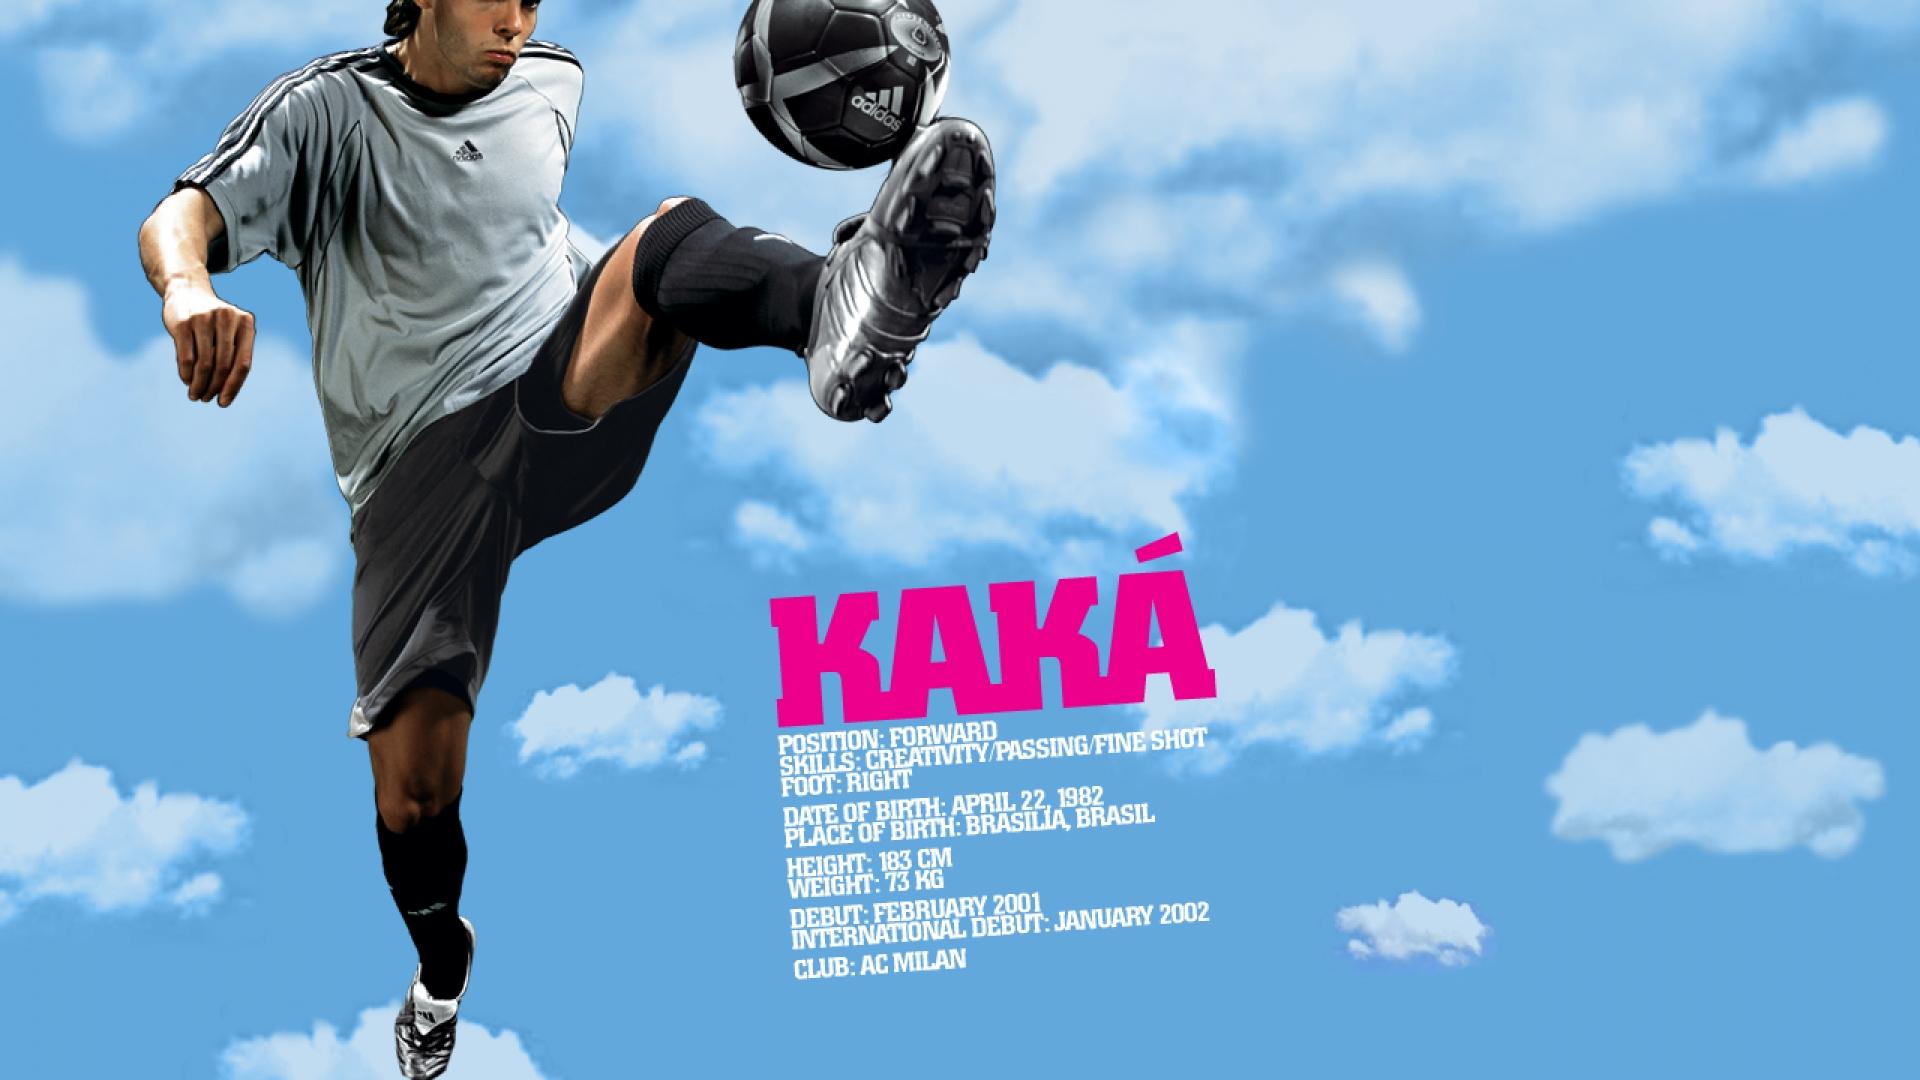 Kaka Soccer Wallpaper